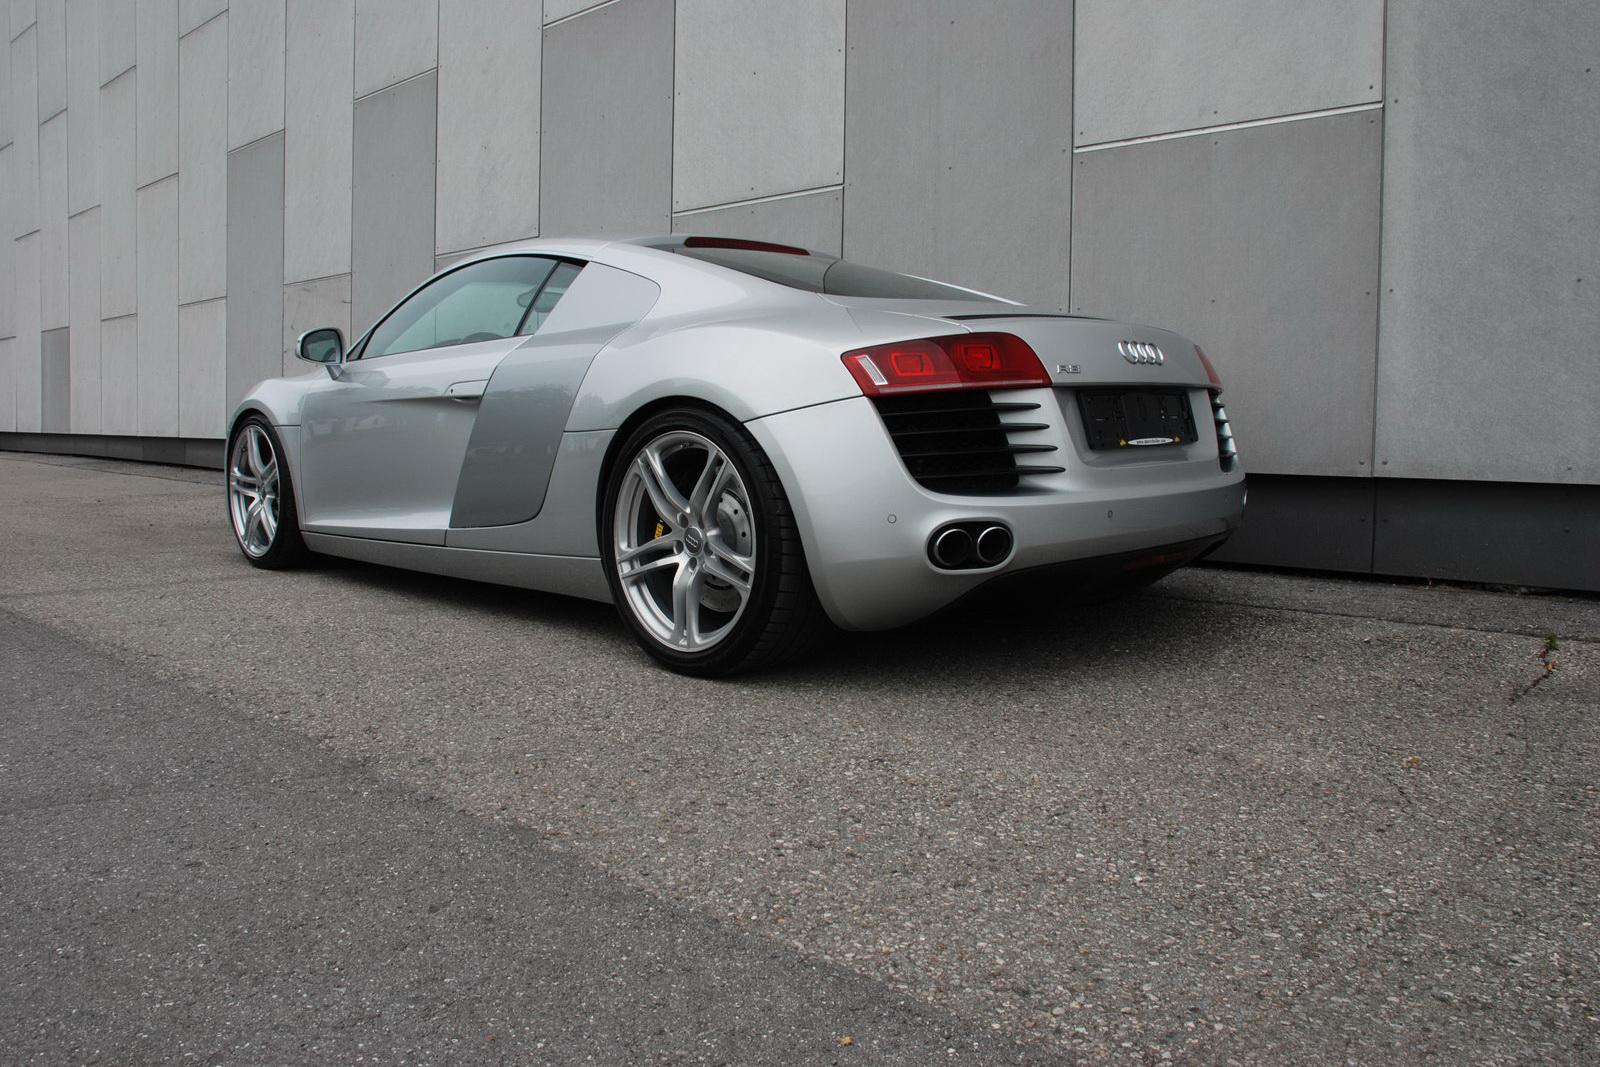 Audi R8 od O.CT. Tuning 5